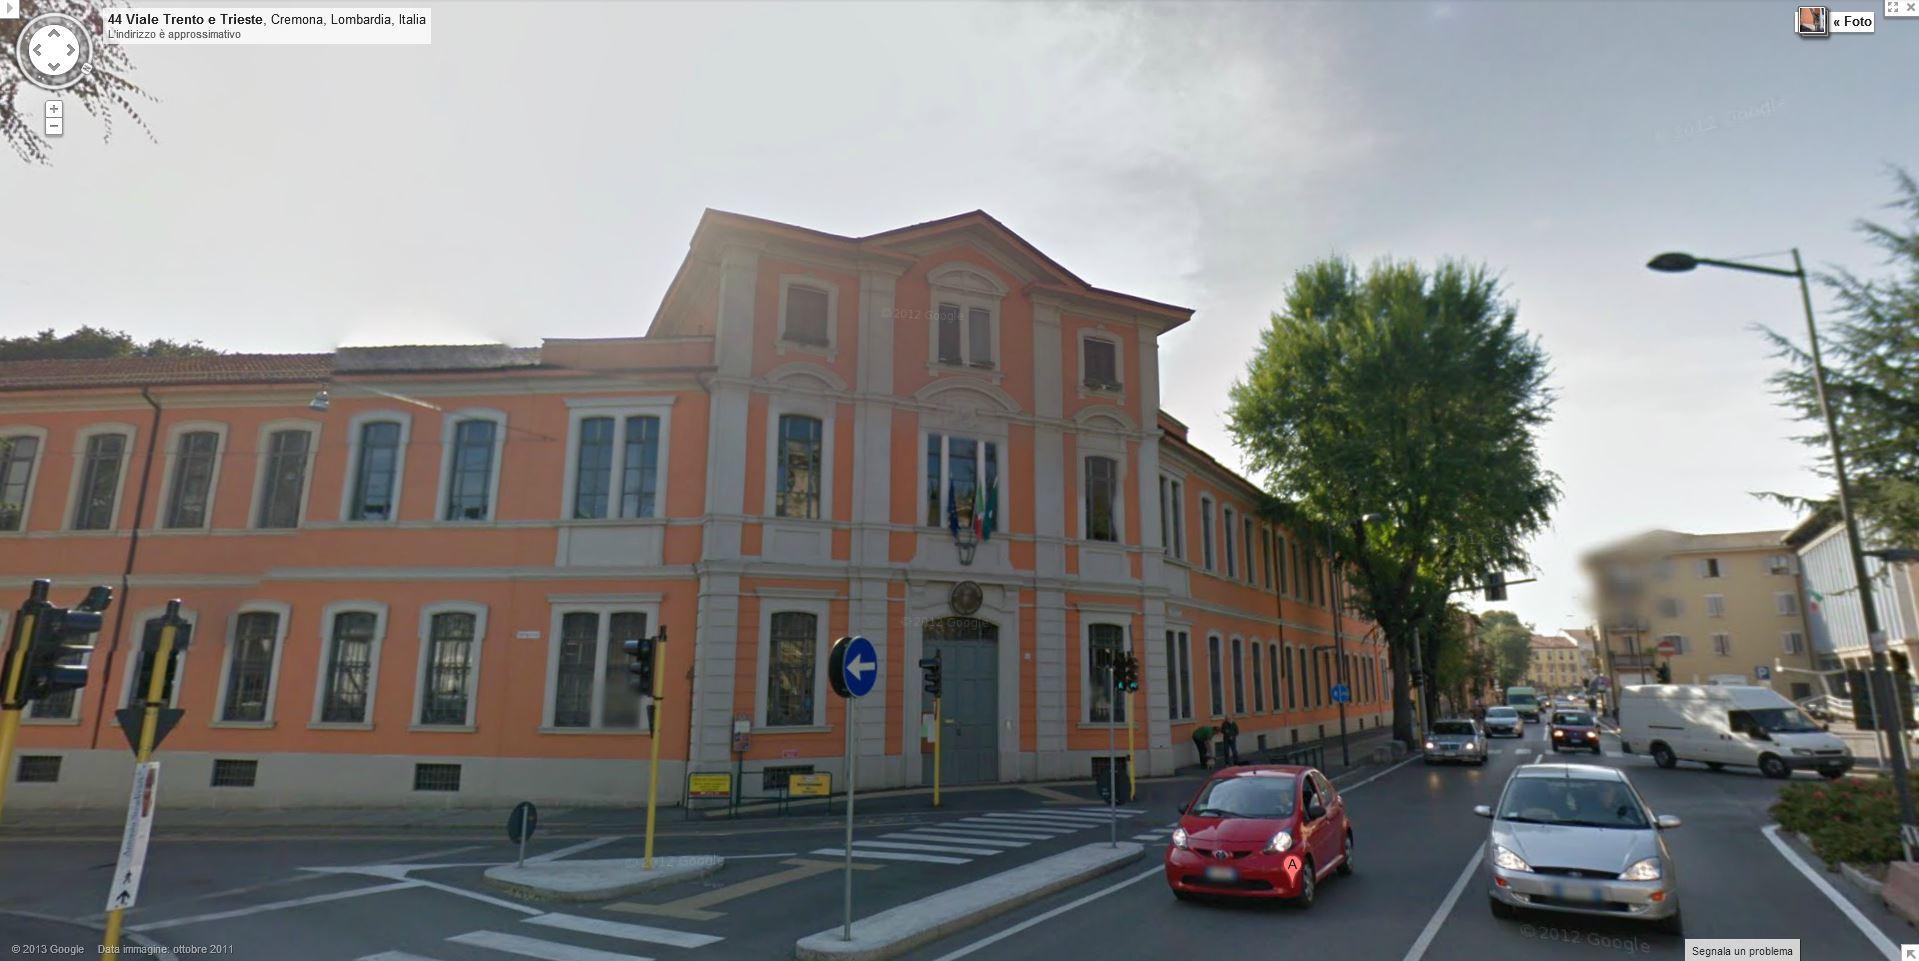 Abbattiamo le barriere architettoniche alla Trento Trieste: l'edilizia scolastica è una nostra priorità